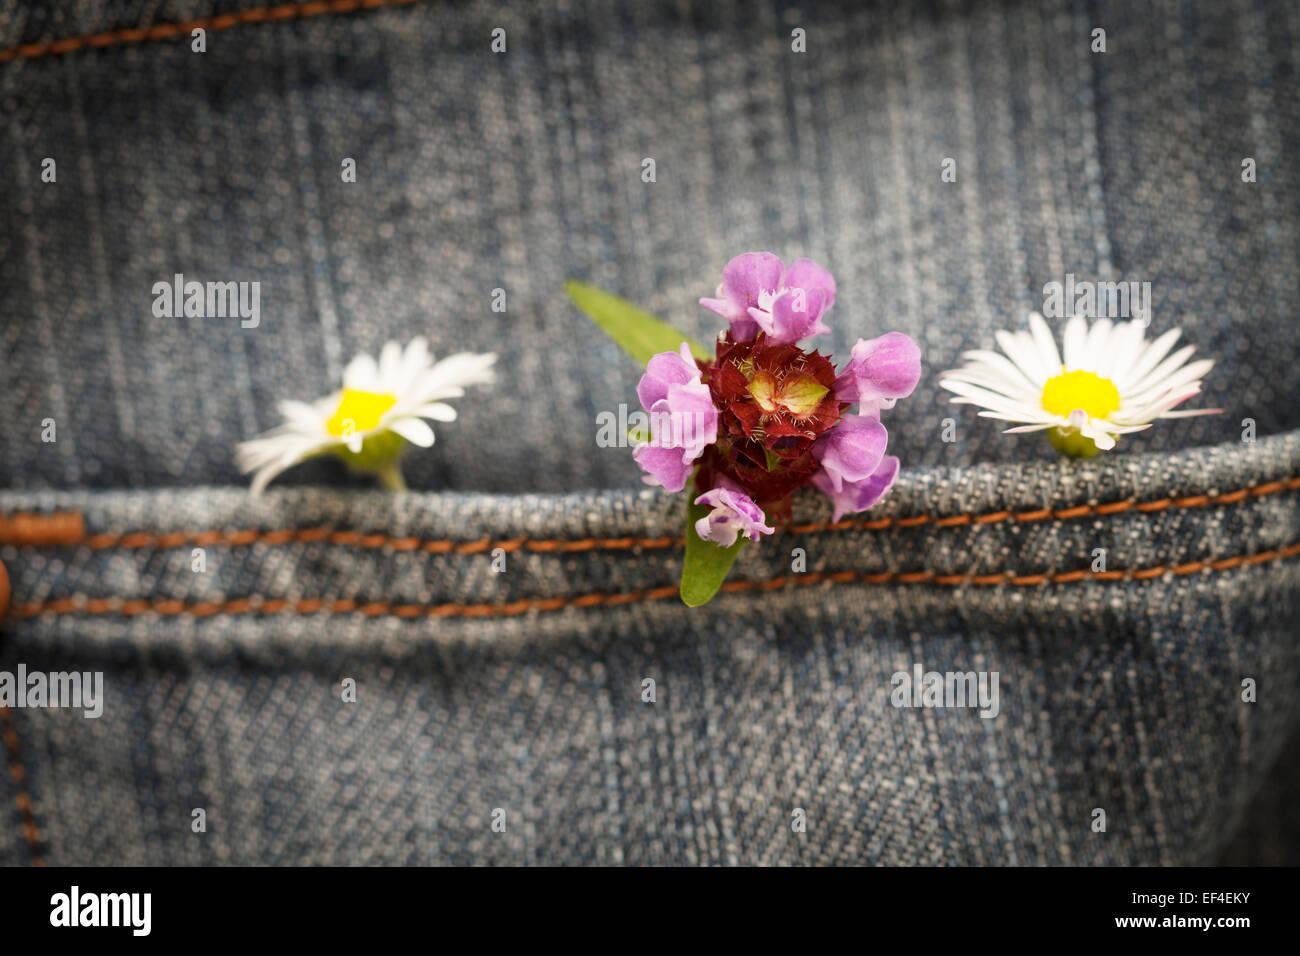 Concetto, fiori in una tasca dei pantaloni di jean Immagini Stock